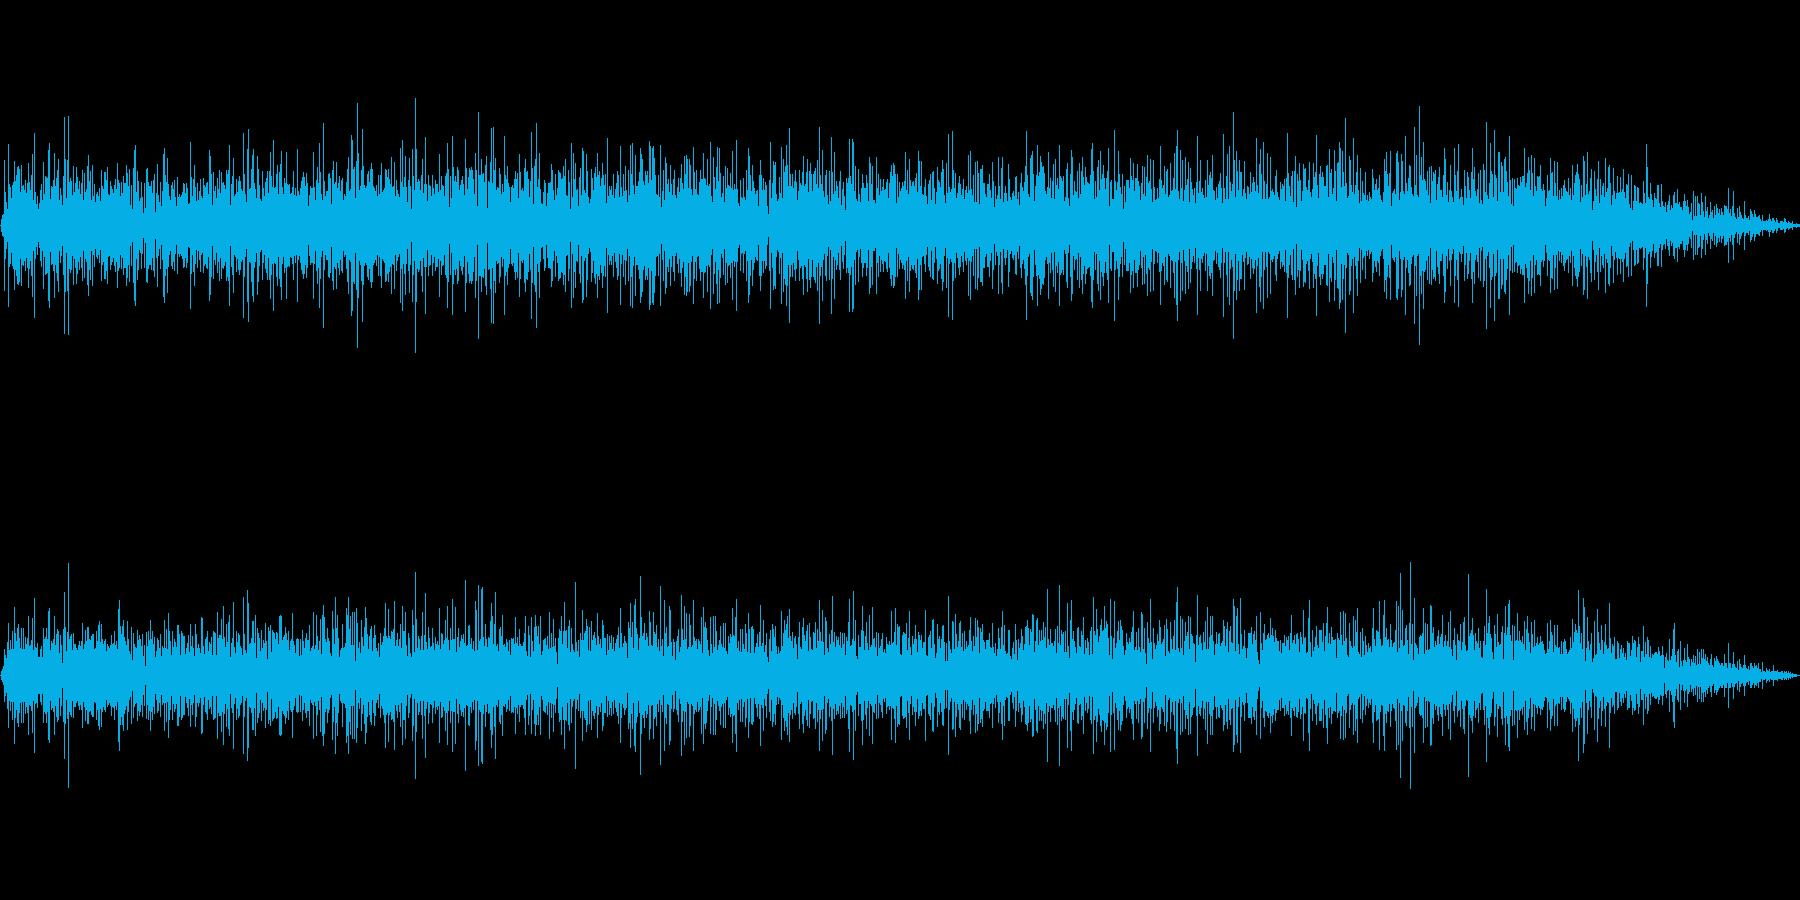 テレビ 砂嵐音 ザー ゴー ノイズの再生済みの波形